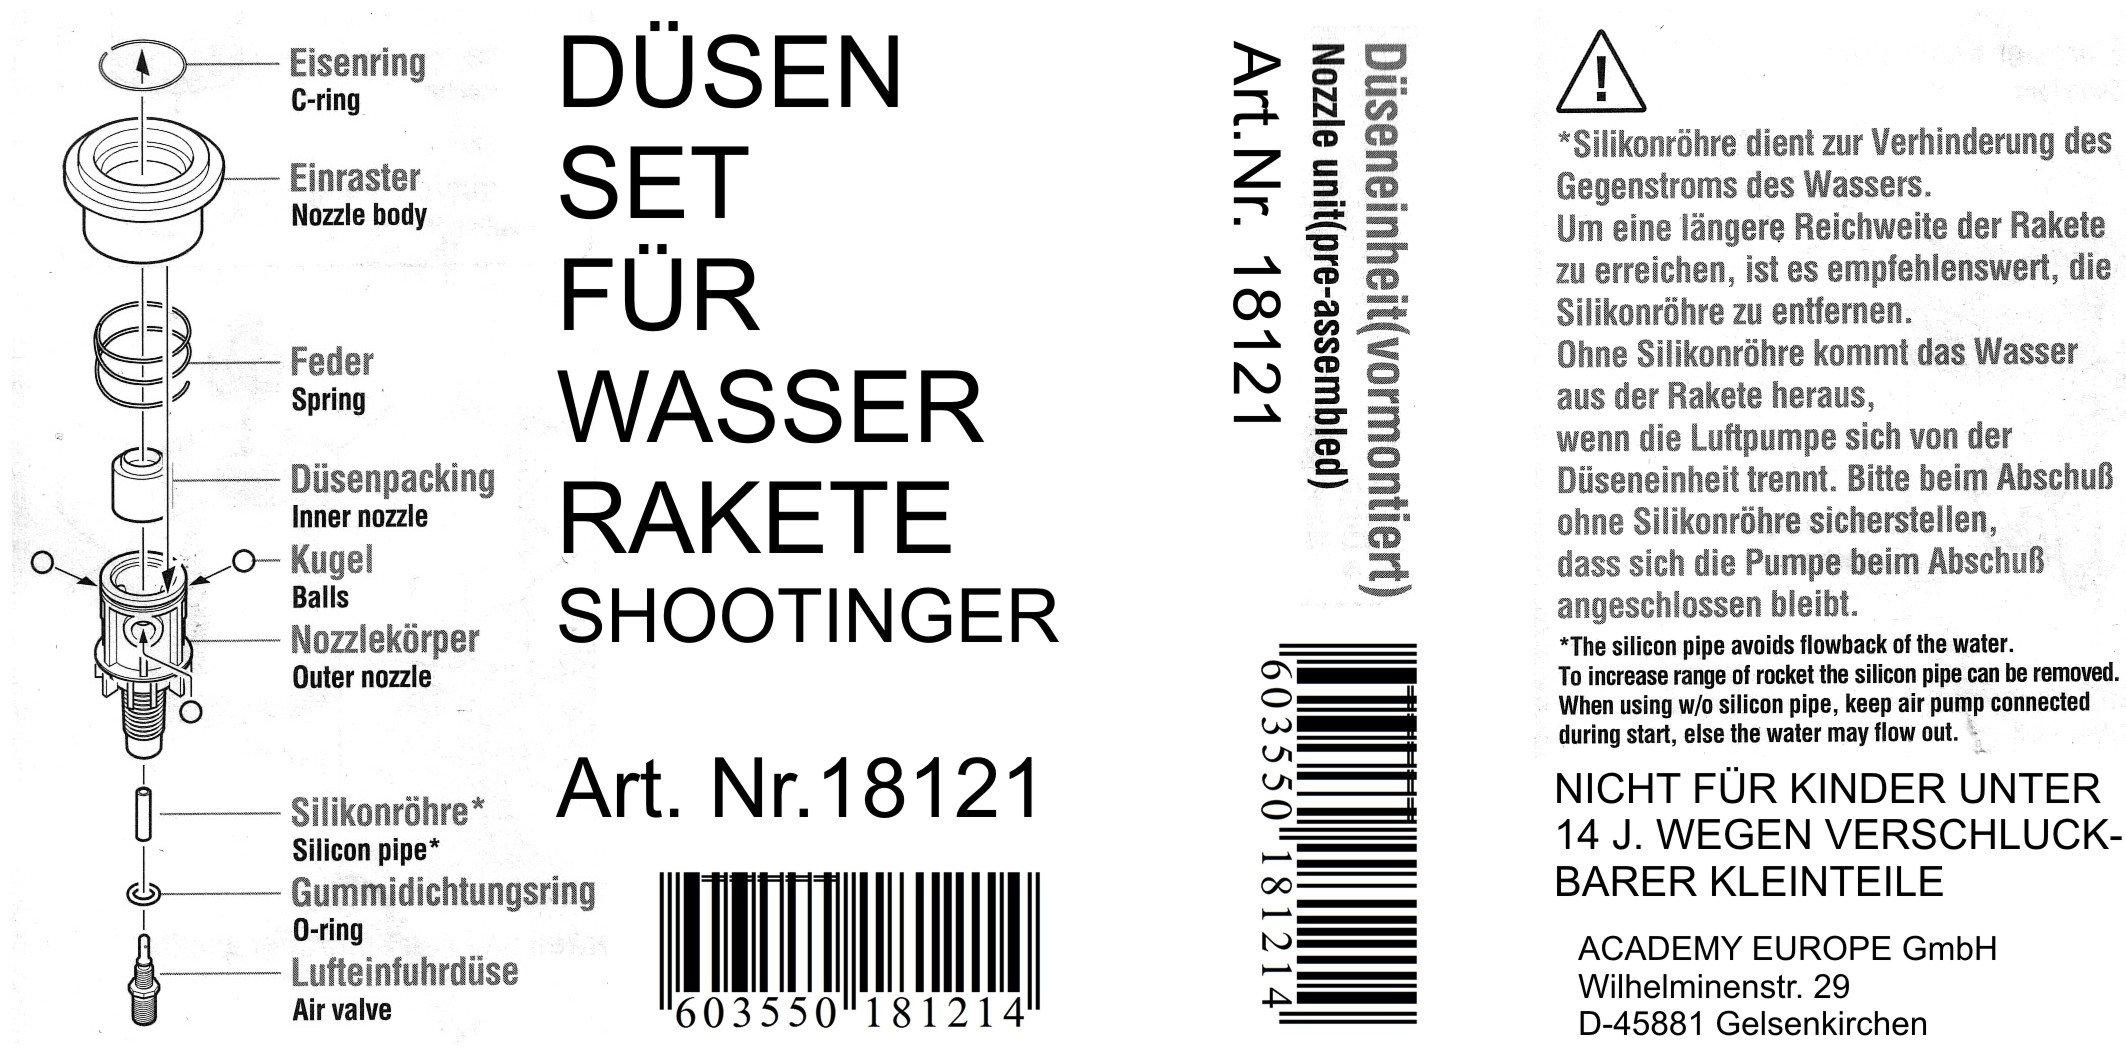 Academy AC18121 - Düseneinheit für Wasserrakete Shootinger